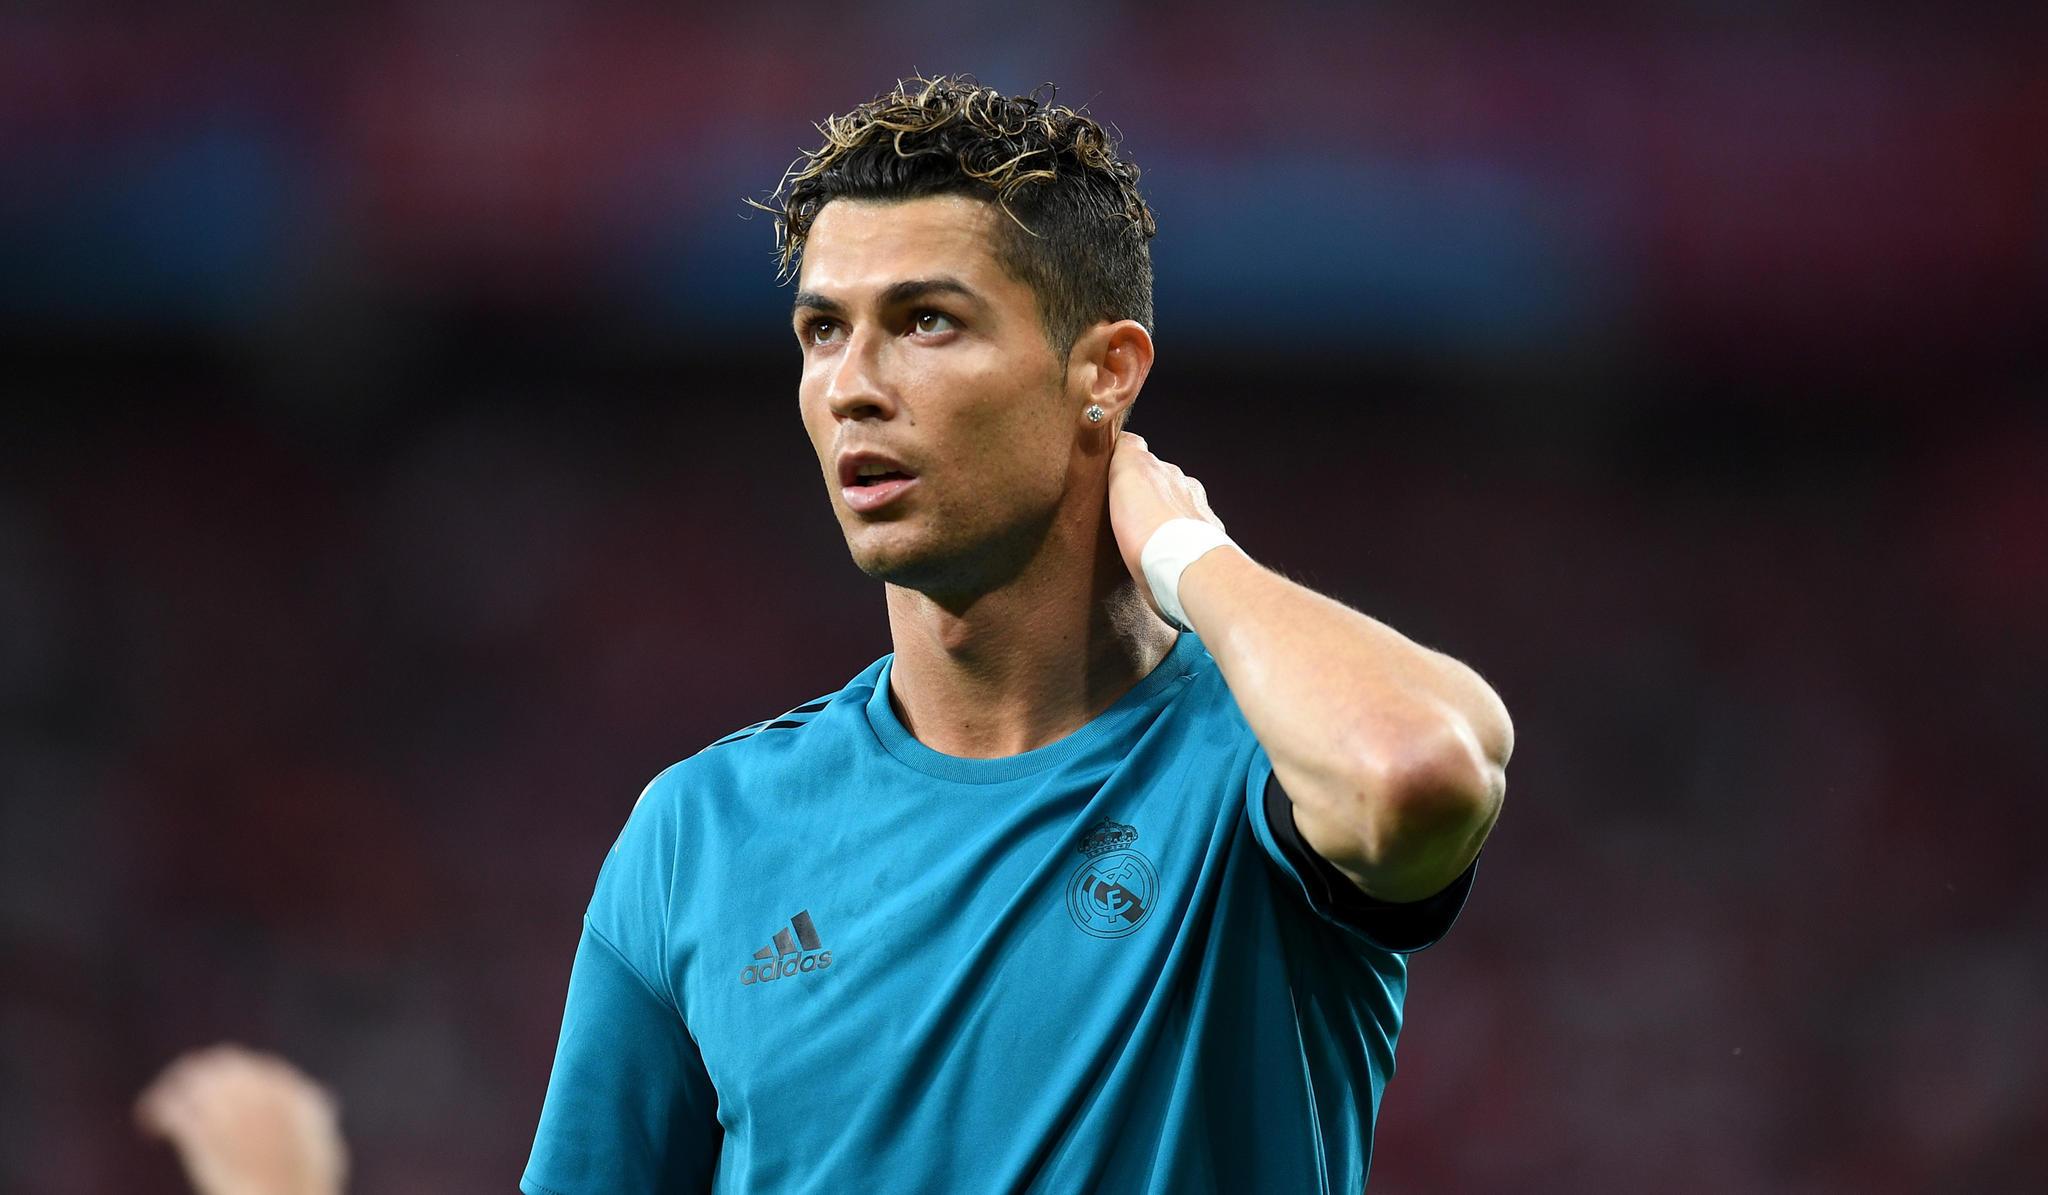 WM 2018: Diese Spieler könnten Models sein – Cristiano Ronaldo